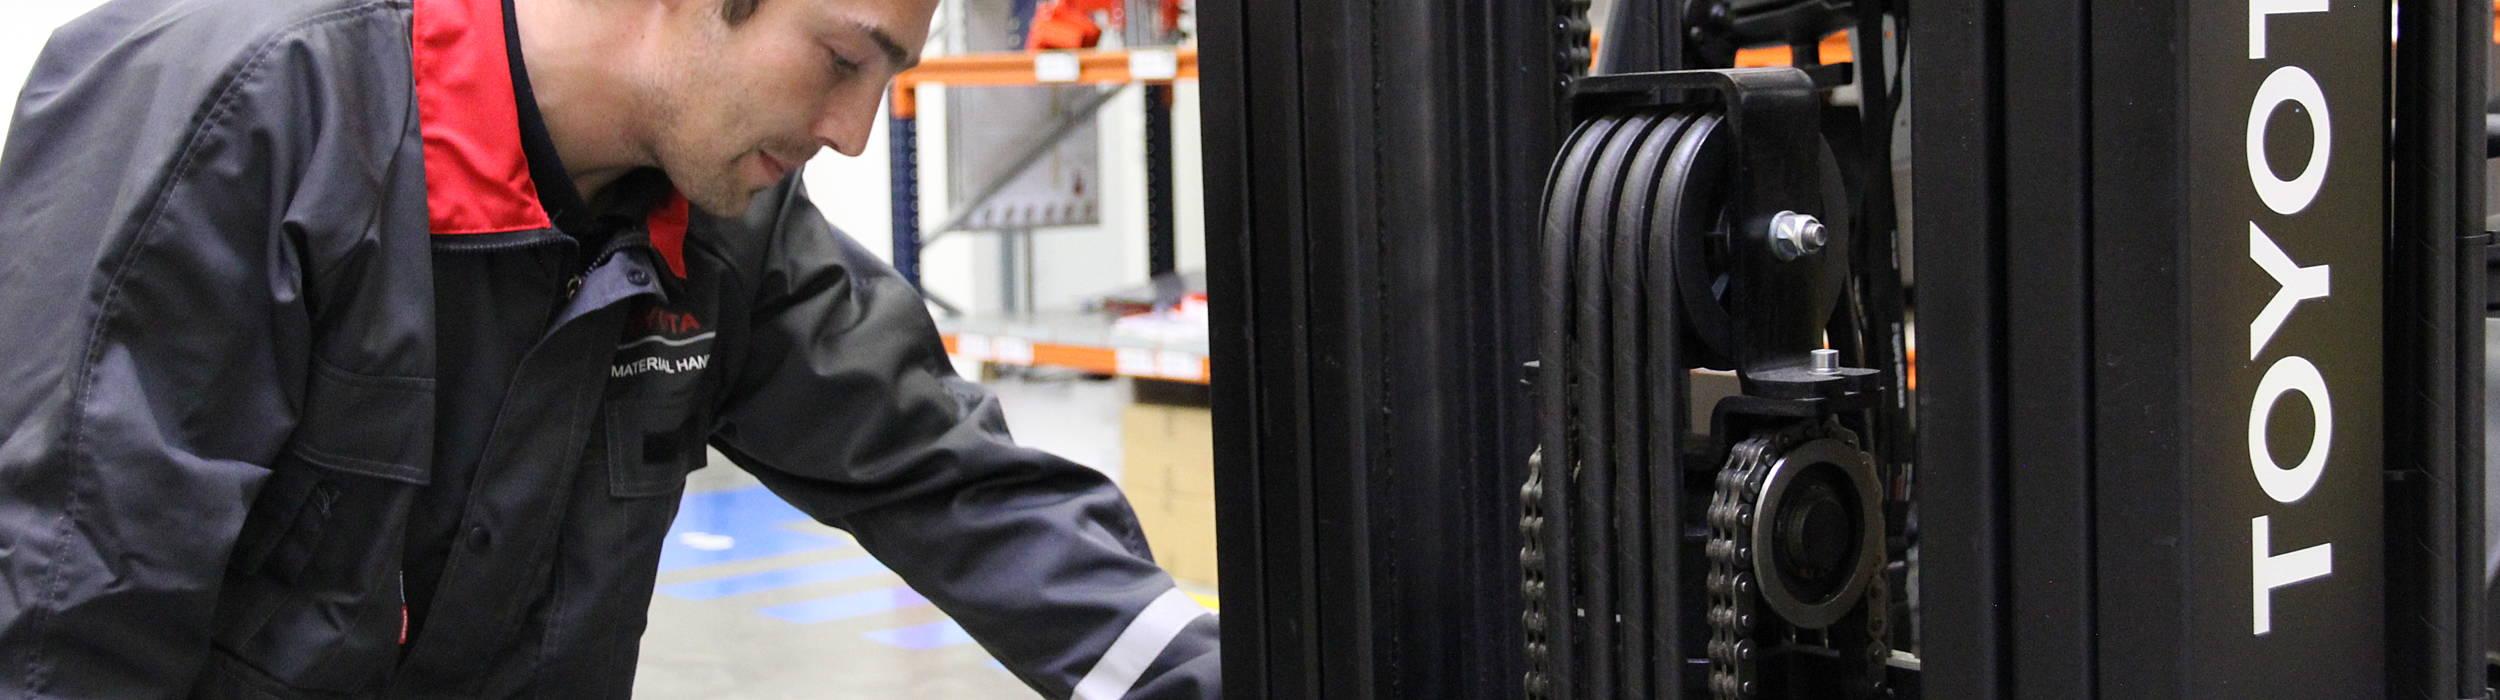 Servisní technik ve skladě kontroluje stav vysokozdvižné vozíku - bezpečnost